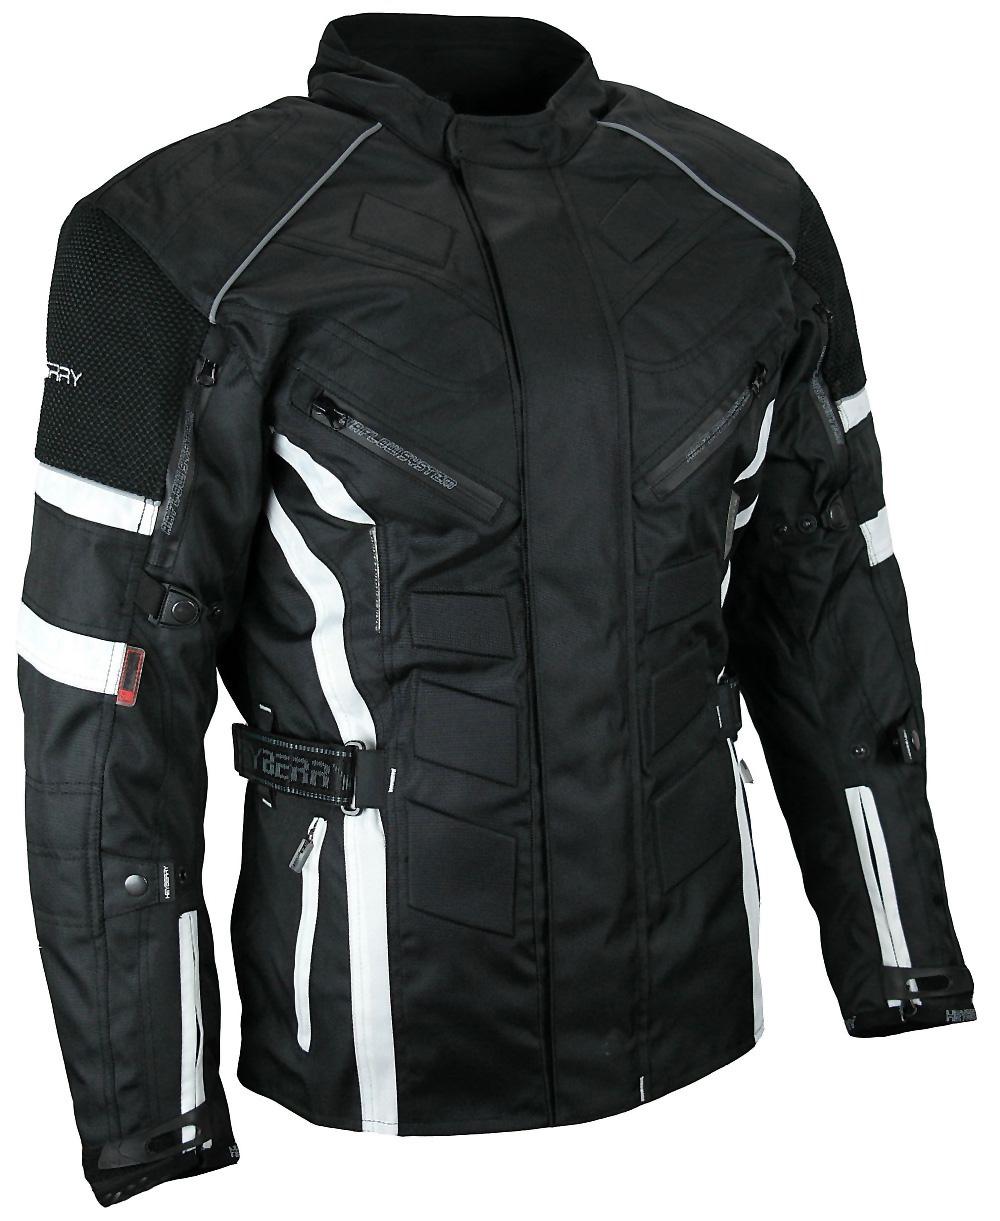 Herren Touren Motorradjacke Textil Heyberry schwarz weiß Gr. M - 3XL